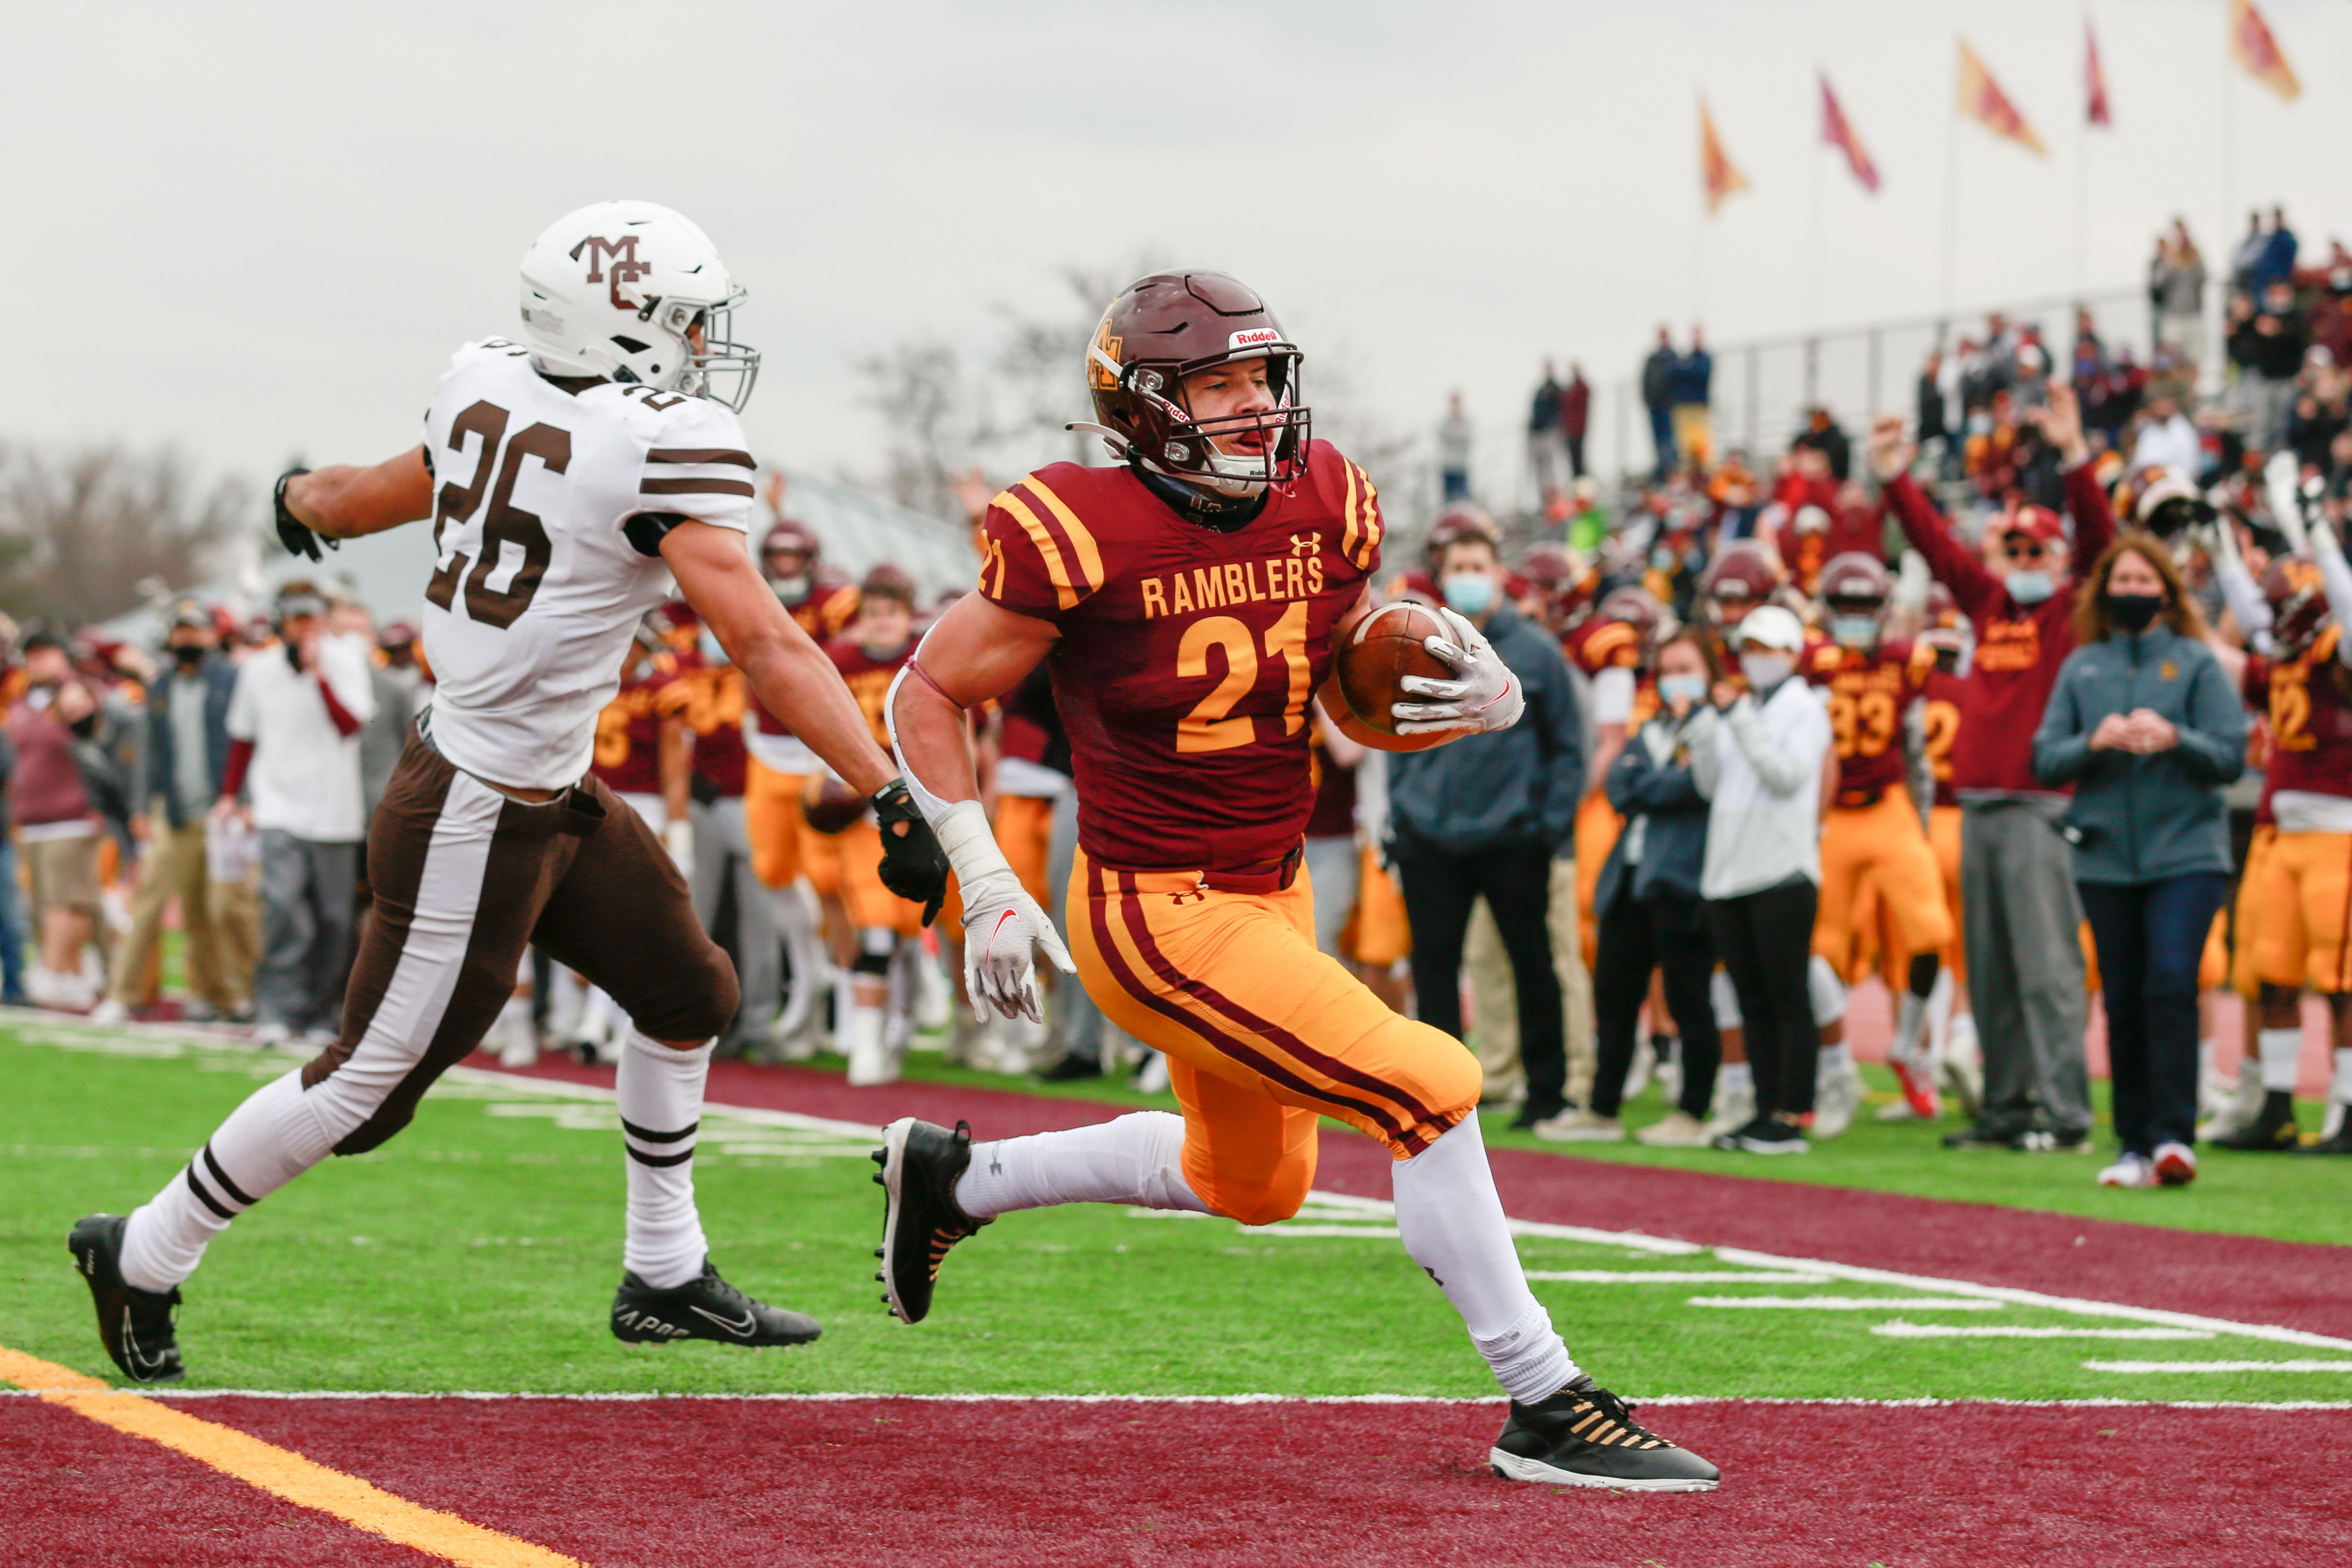 Loyola's Vaughn Pemberton (21) scores a touchdown against Mount Carmel.